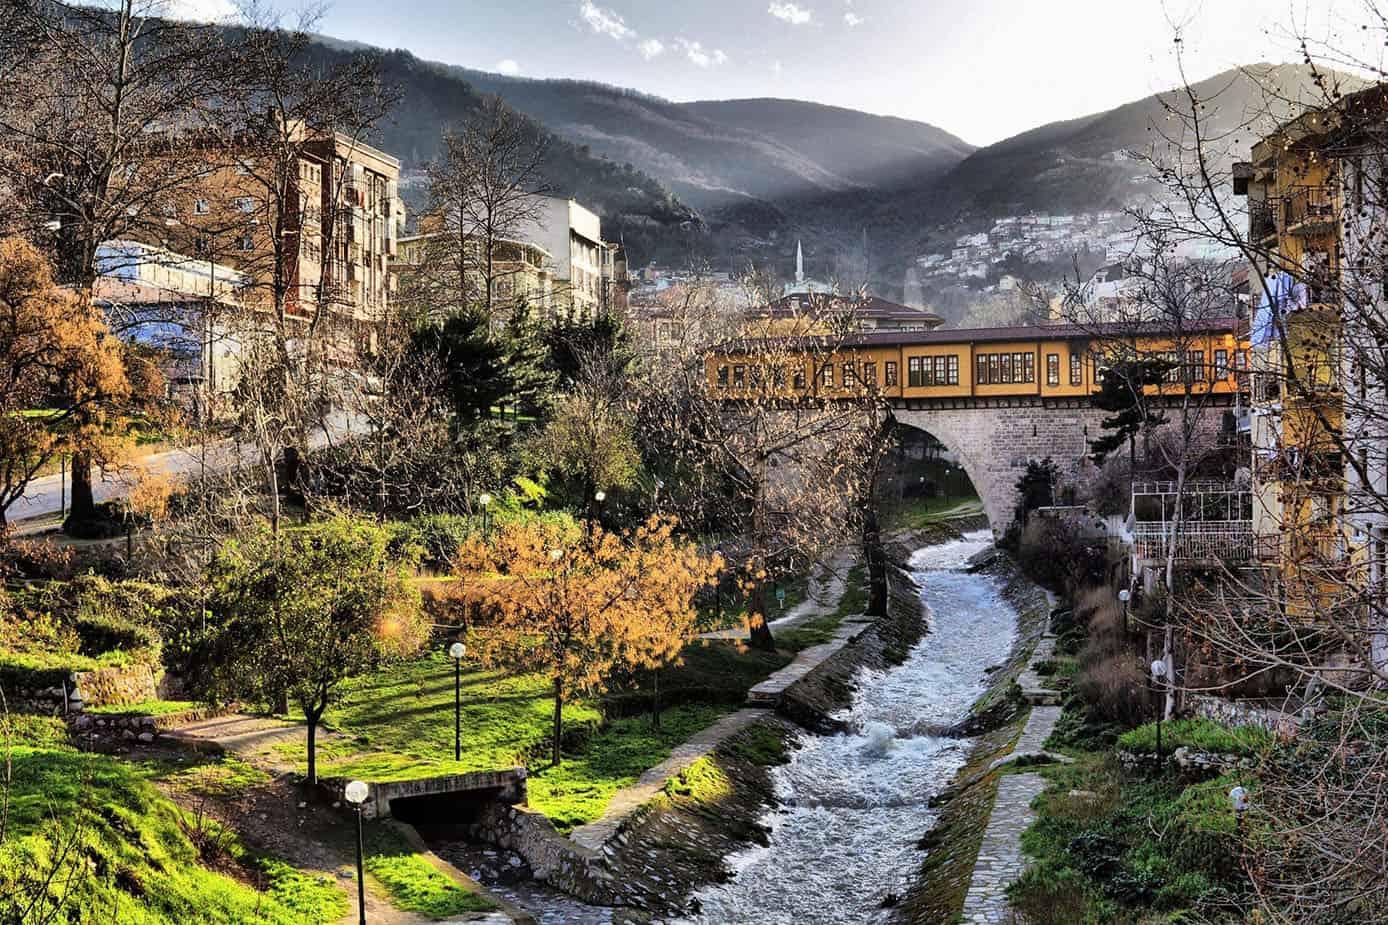 터키 증권 거래소에 매력적인 공원